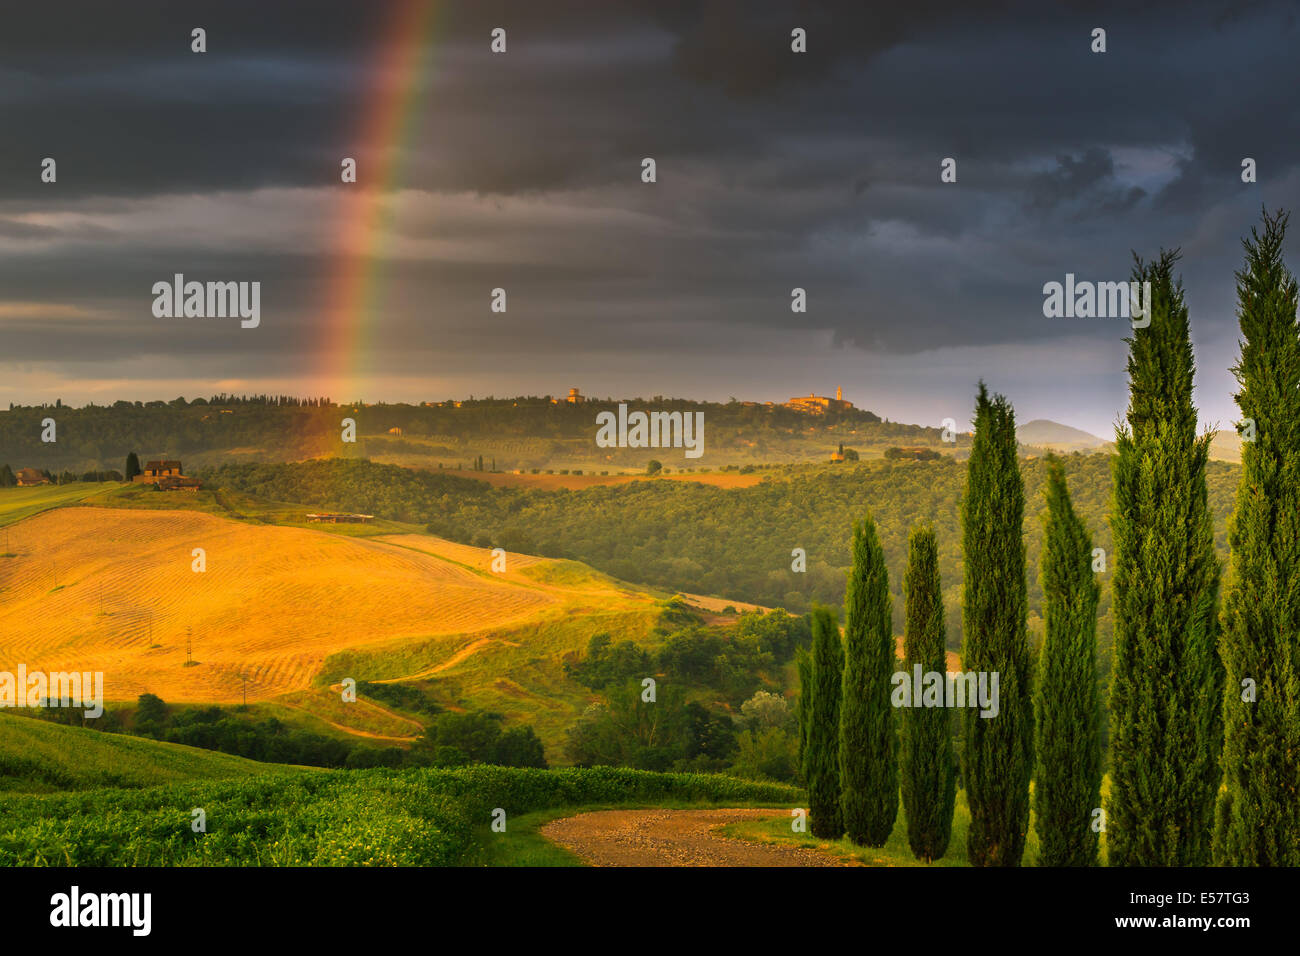 Avec arc-en-ciel célèbre cyprès au coeur de la Toscane, près de Pienza, Italie Photo Stock